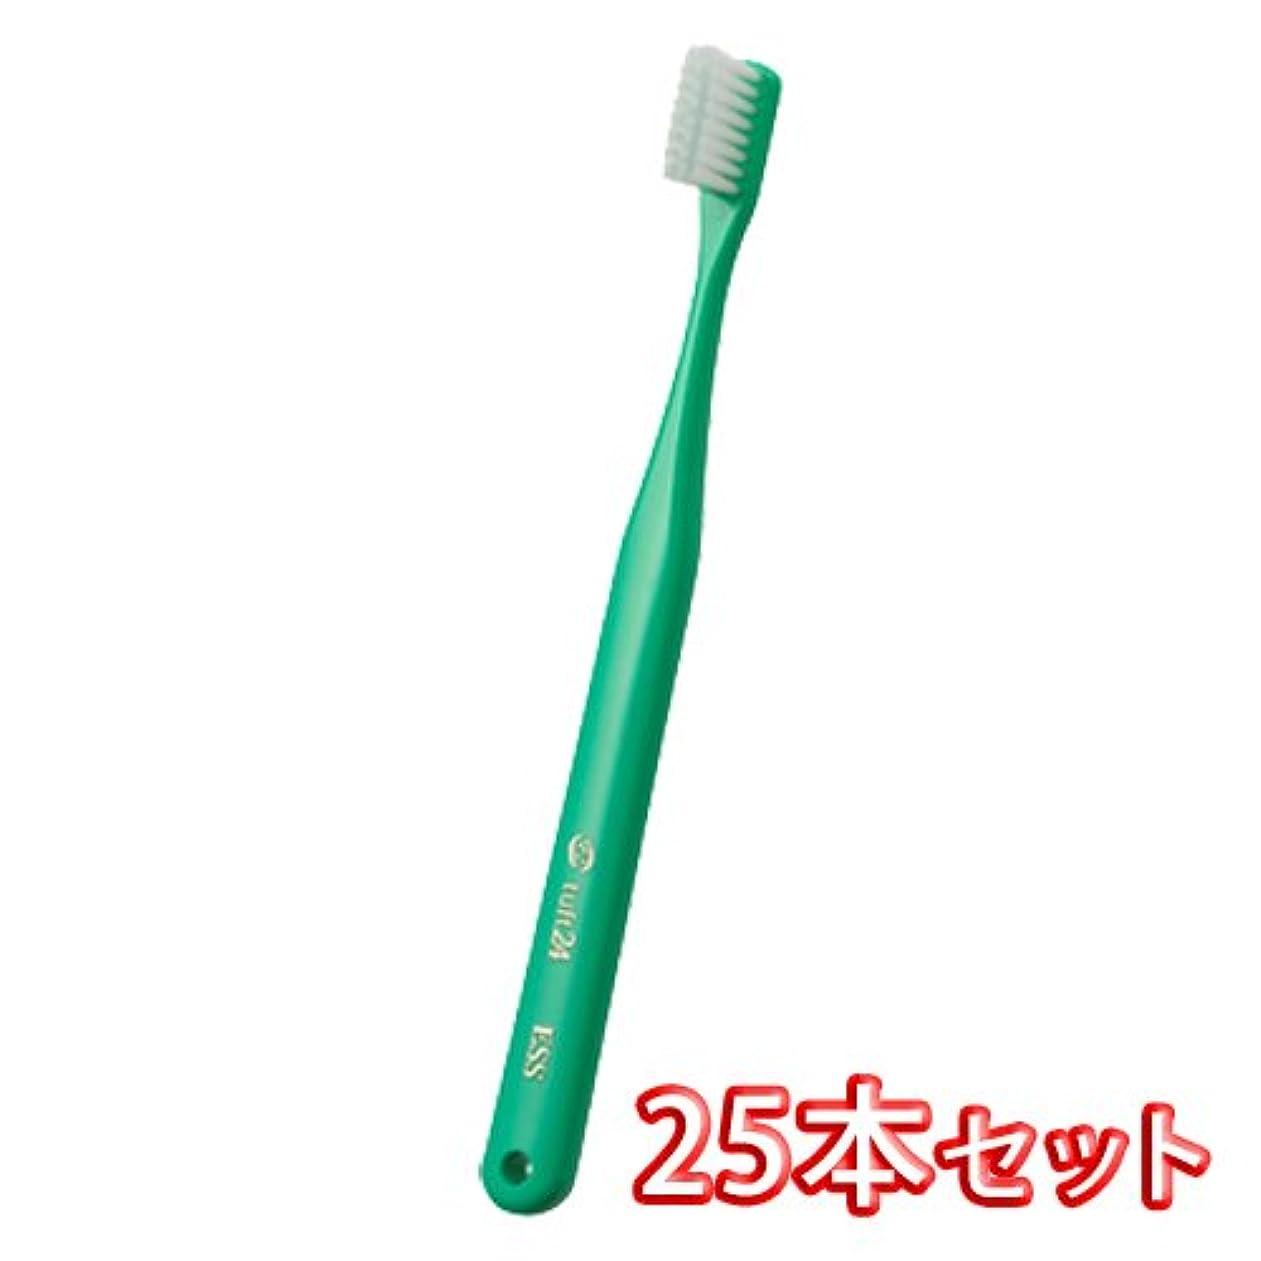 白い調整調べるオーラルケア キャップ付き タフト 24 歯ブラシ 25本入 ミディアムハード MH (グリーン)